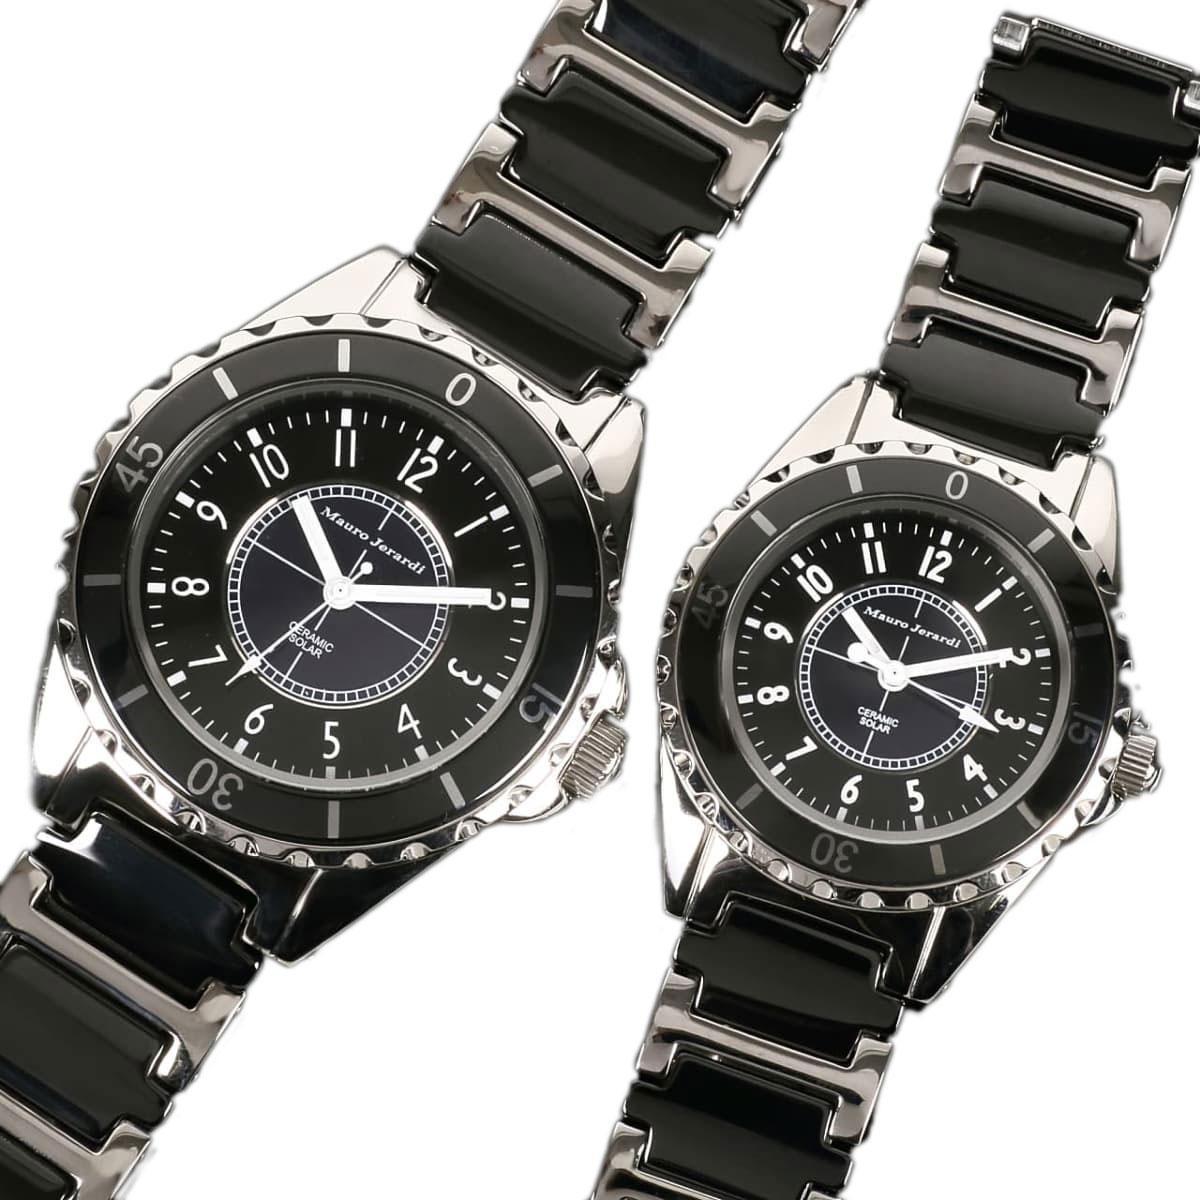 マウロジェラルディ 腕時計 ペア ペアウォッチ Mauro Jerardi ソーラー MJ041-1 MJ042-1